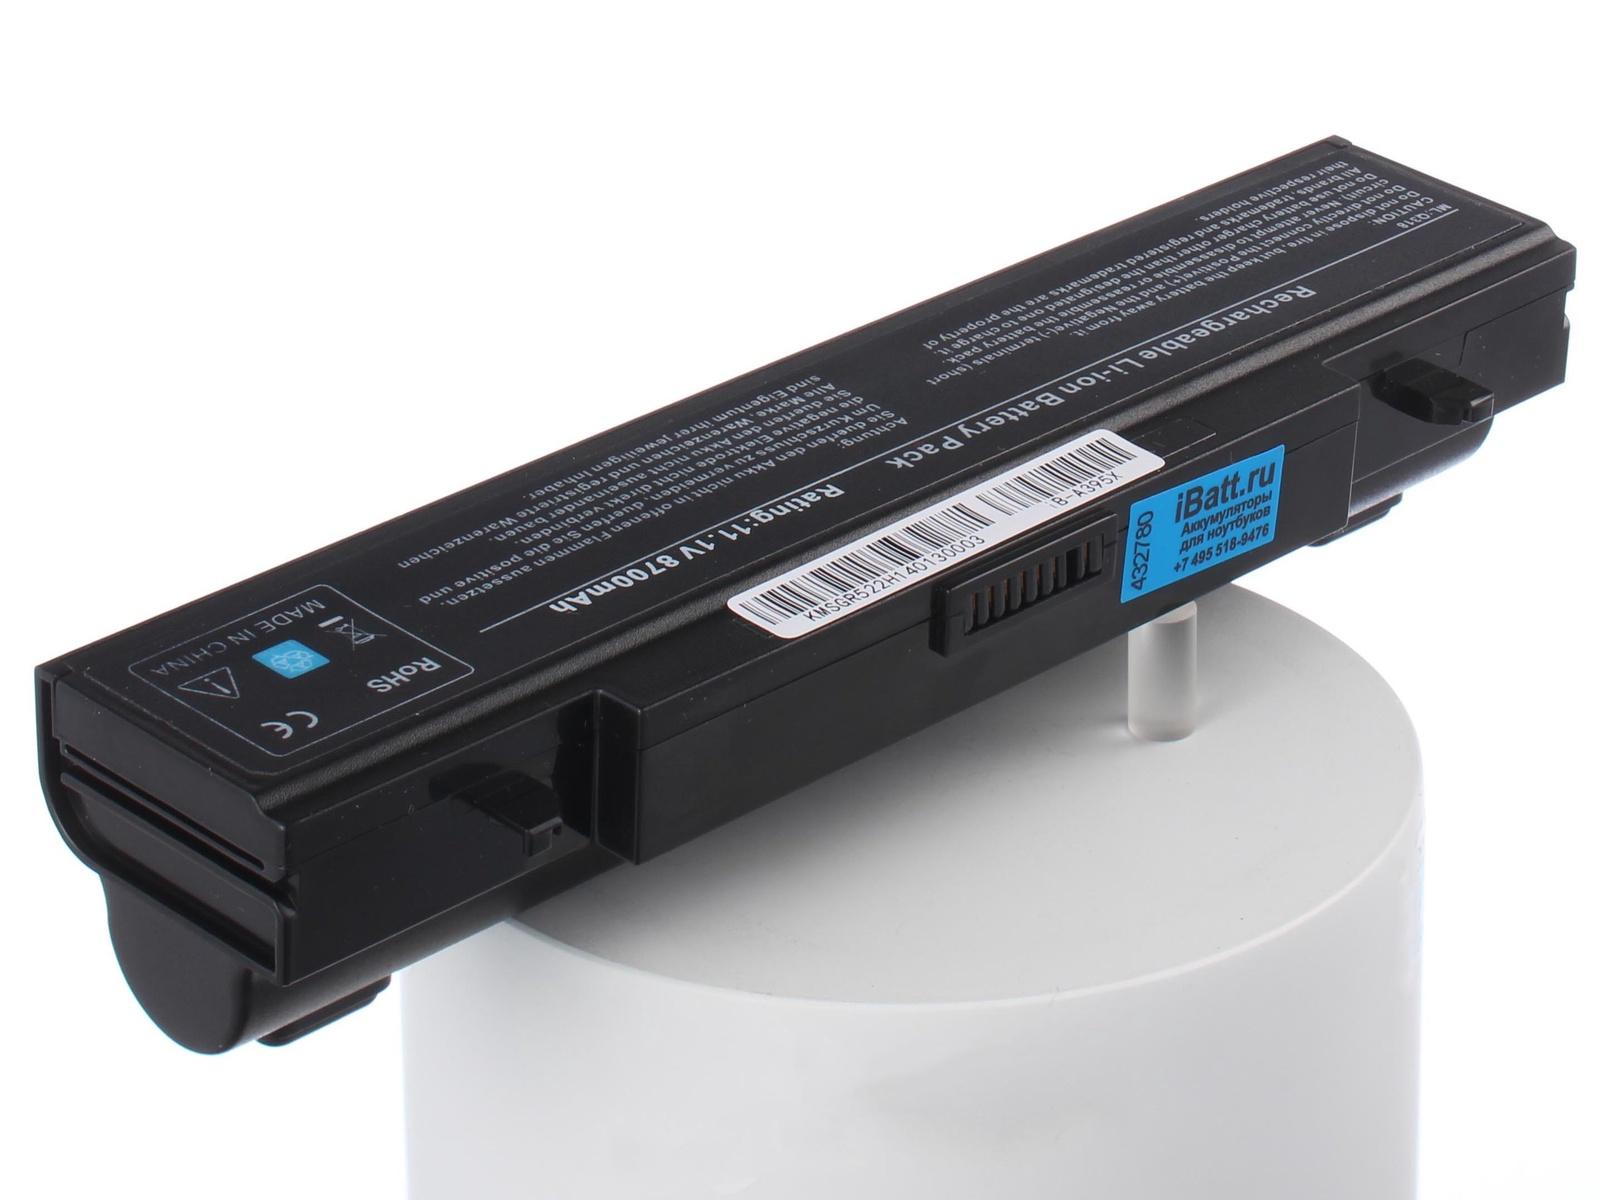 Аккумулятор для ноутбука iBatt для Samsung 305V5A-T08, 350E7C-A02, R528-DS01, 300V5A-S0U, NP-R620, R525-JS02RU, R425-JT01, R428-DA02, 300E5A-S09, ATIV Book 2 270E5E, R429, 300E5A-A04, 300E5C-A03, 355V5C-S0N, 300E5C-U03, 350V4C аккумулятор для ноутбука anybatt для samsung 305v5a t08 350e7c a02 r528 ds01 300v5a s0u np r620 r525 js02ru r425 jt01 r428 da02 300e5a s09 ativ book 2 270e5e r429 300e5a a04 300e5c a03 355v5c s0n 300e5c u03 350v4c